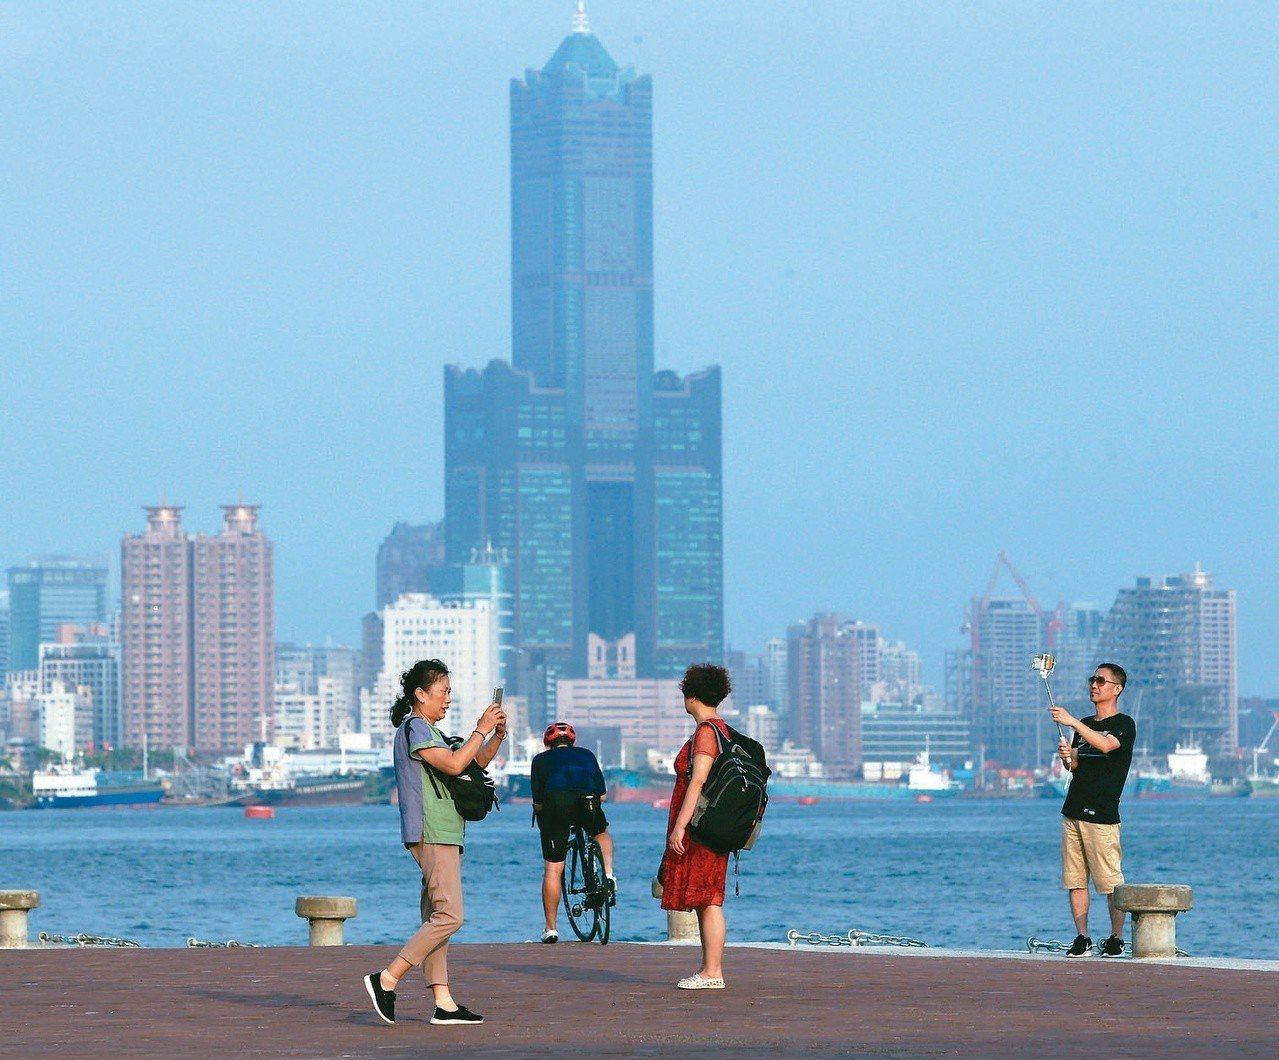 各地早晚溫差大,民眾出門應適時添加衣物。 圖/聯合報系資料照片